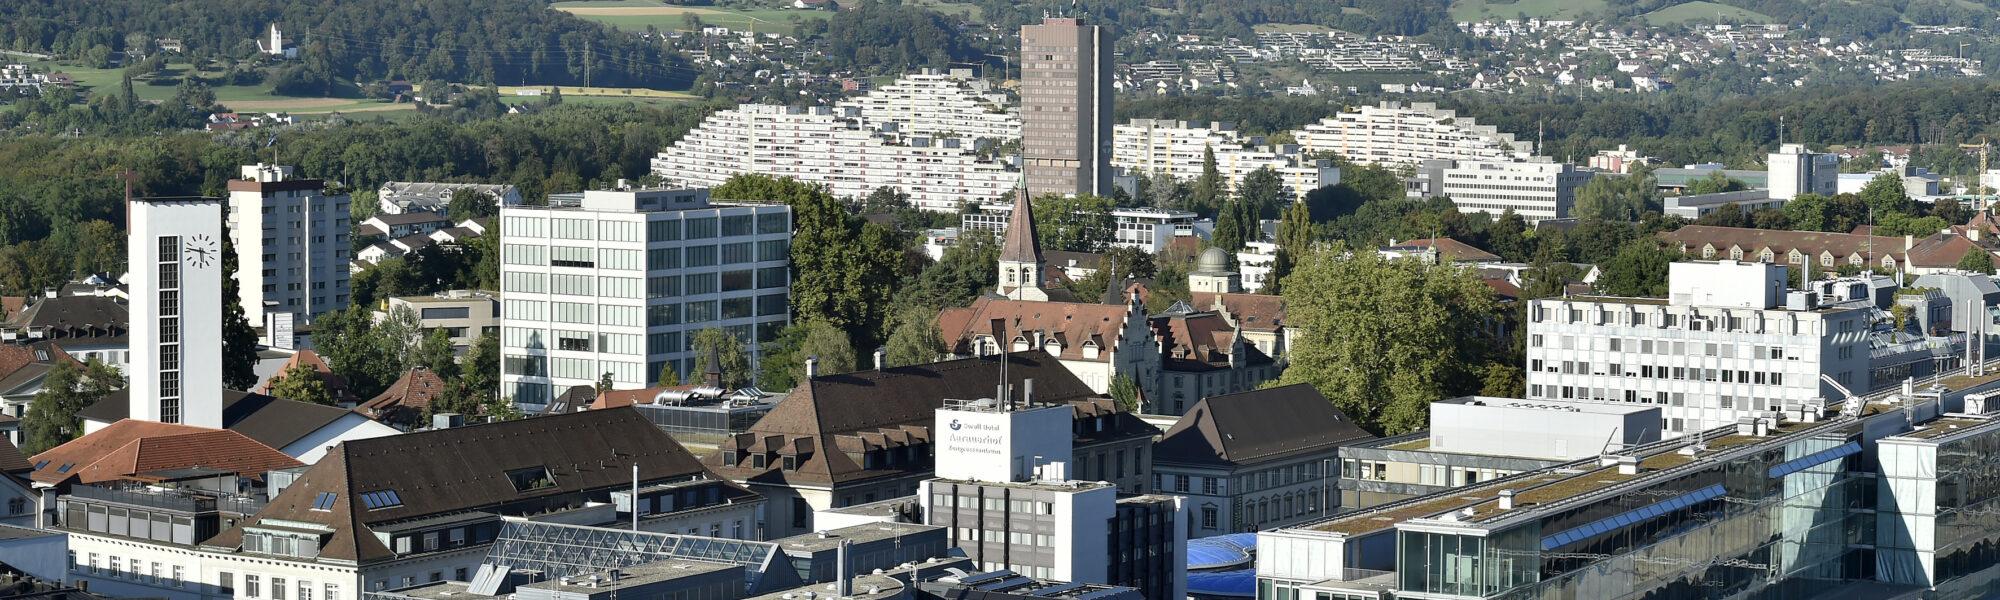 Wakkerführung – die Stadtführung zum Wakkerpreis